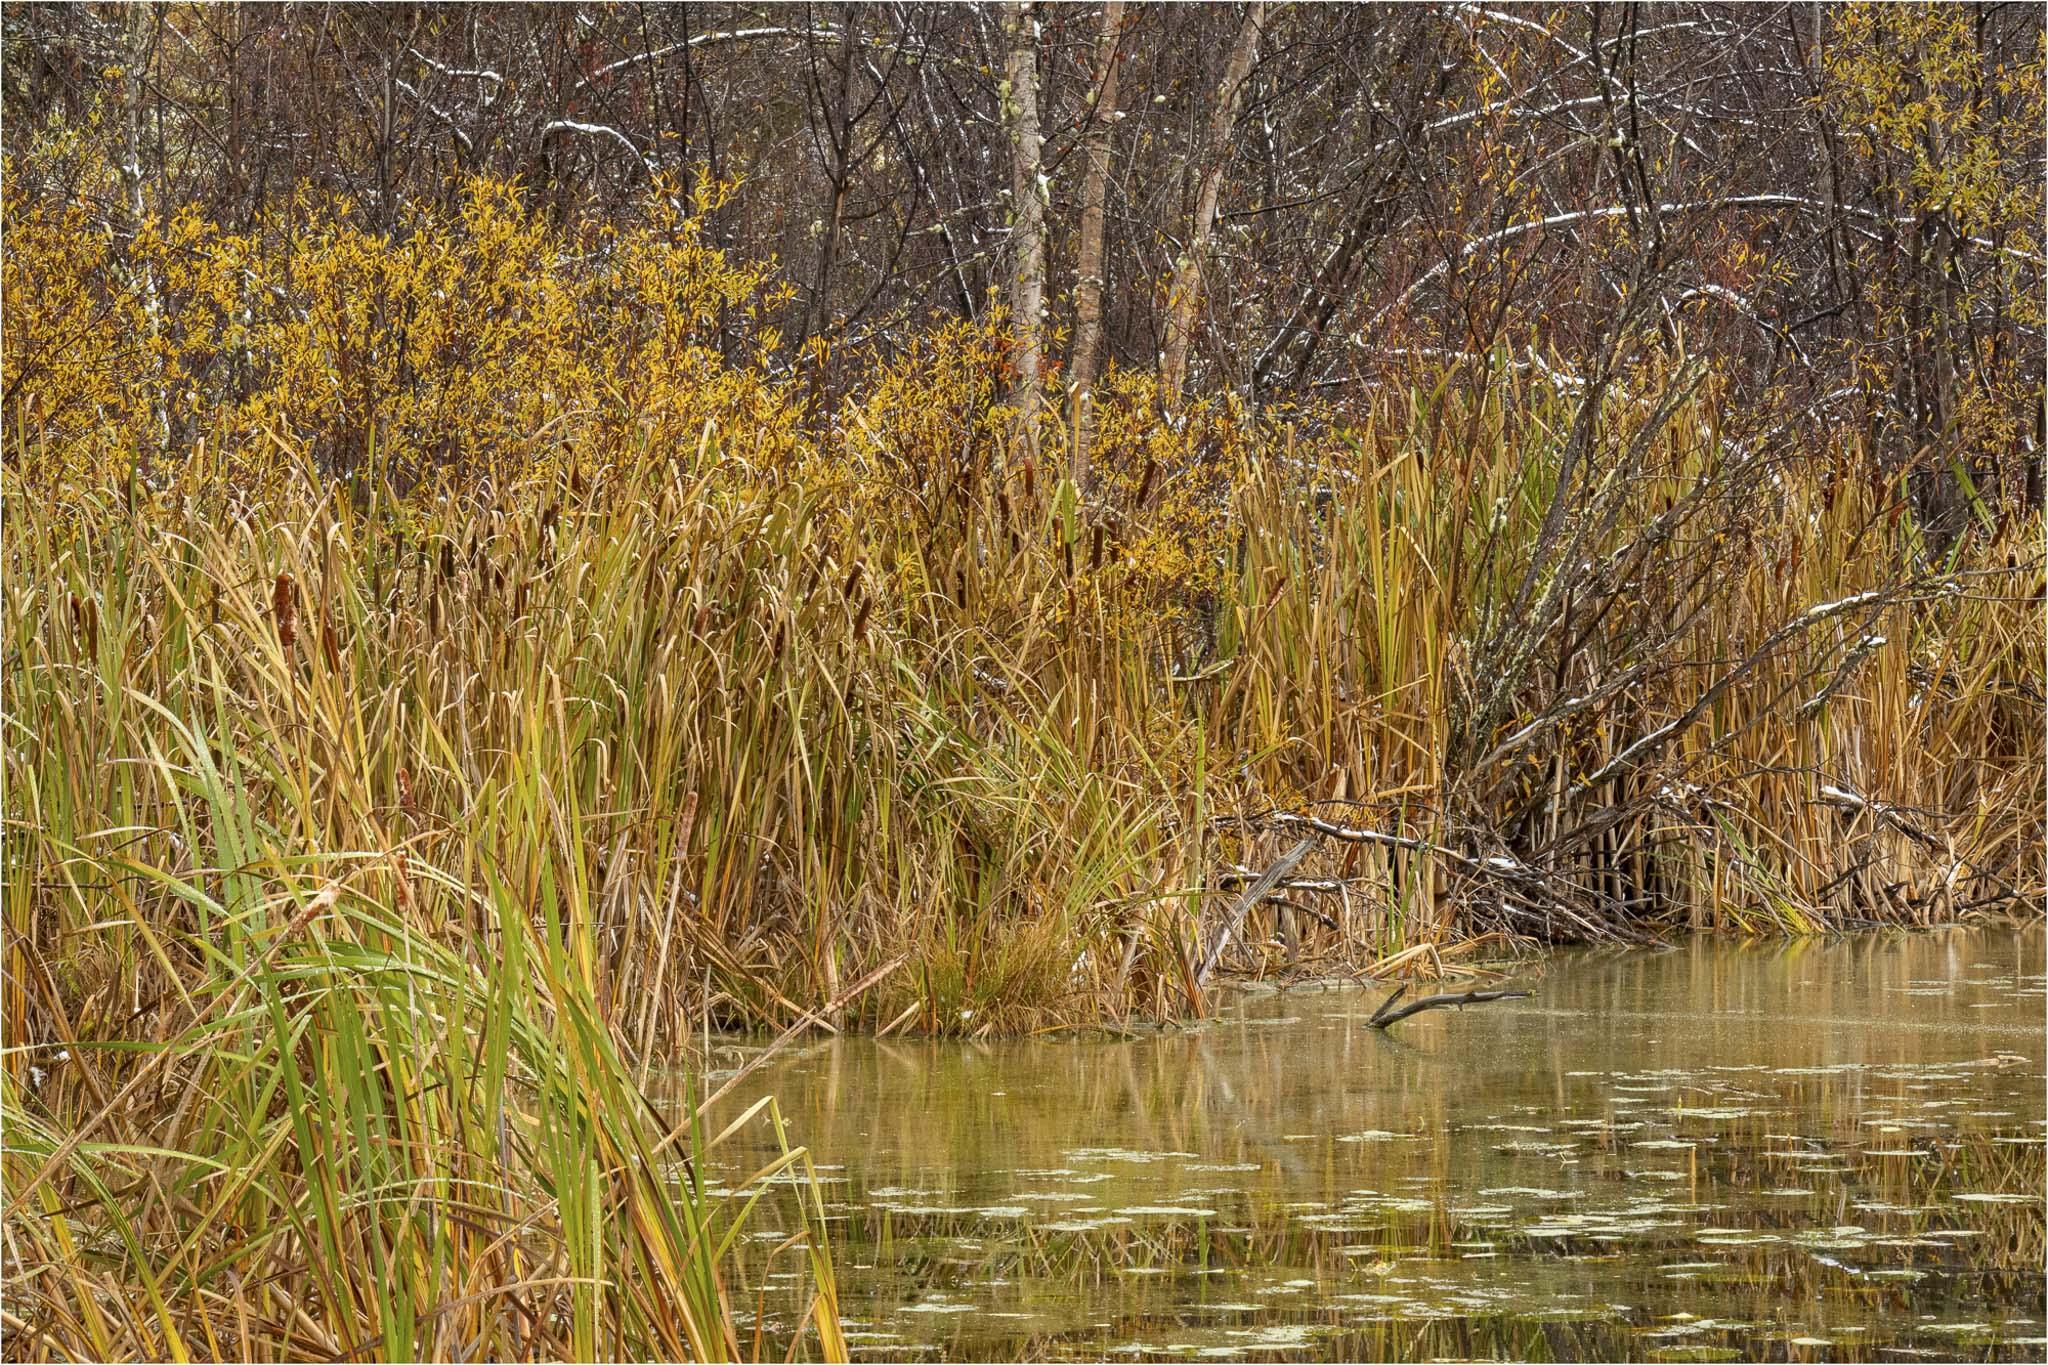 Autumn at the Lake - © Sharon Jensen